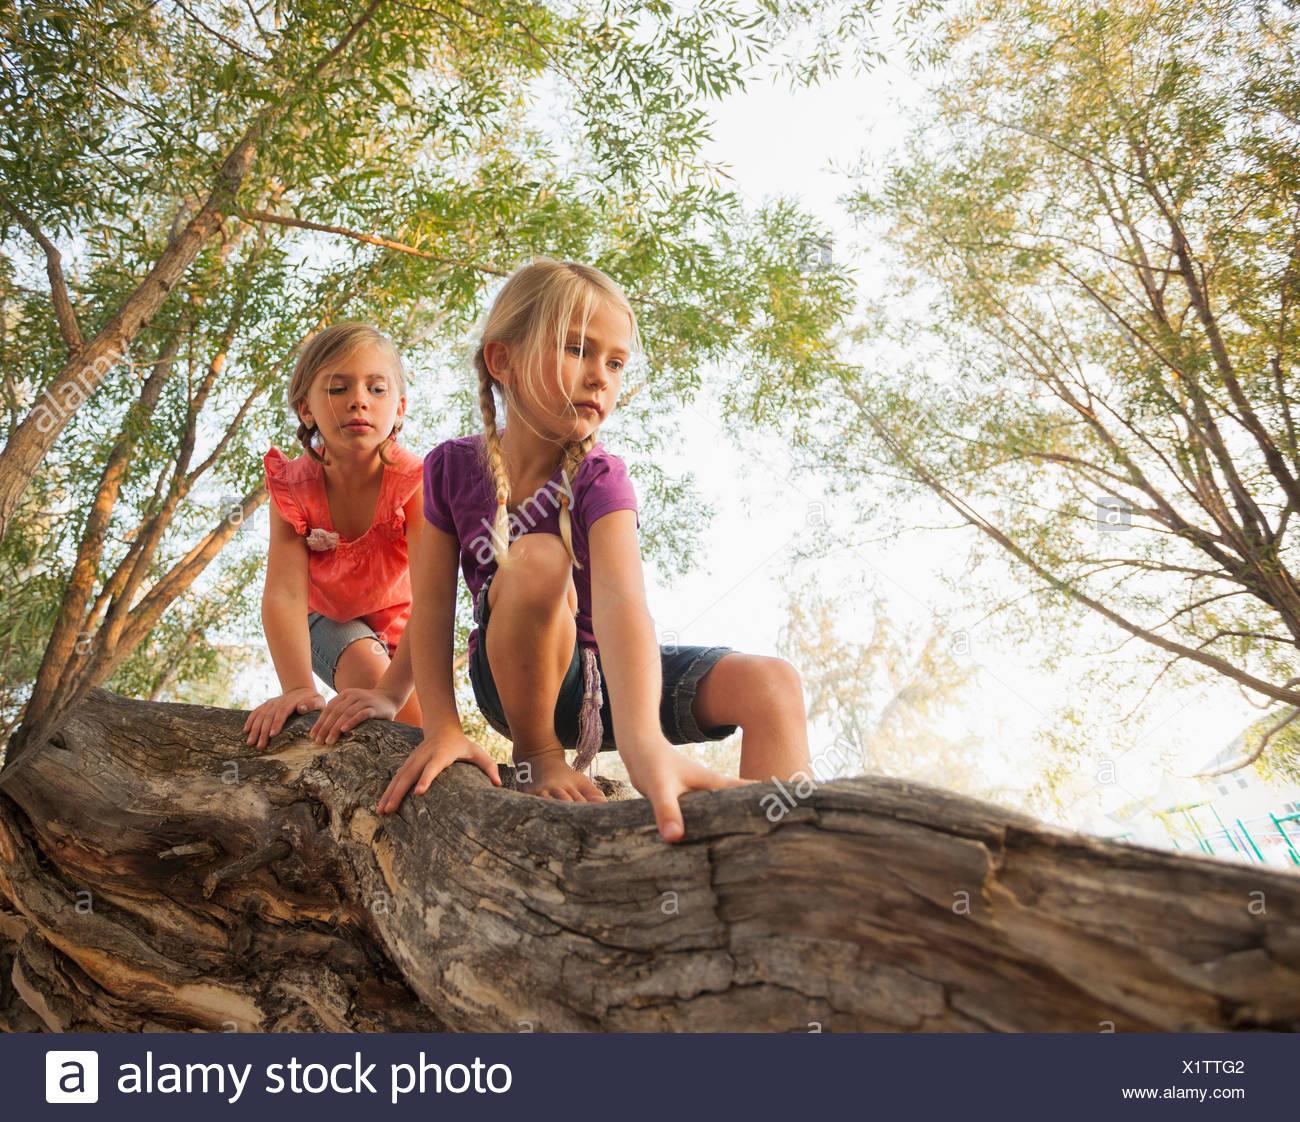 USA, Utah, Léhi, deux petites filles (4-5, 6-7) sur l'escalade arbre branche horizontale Photo Stock